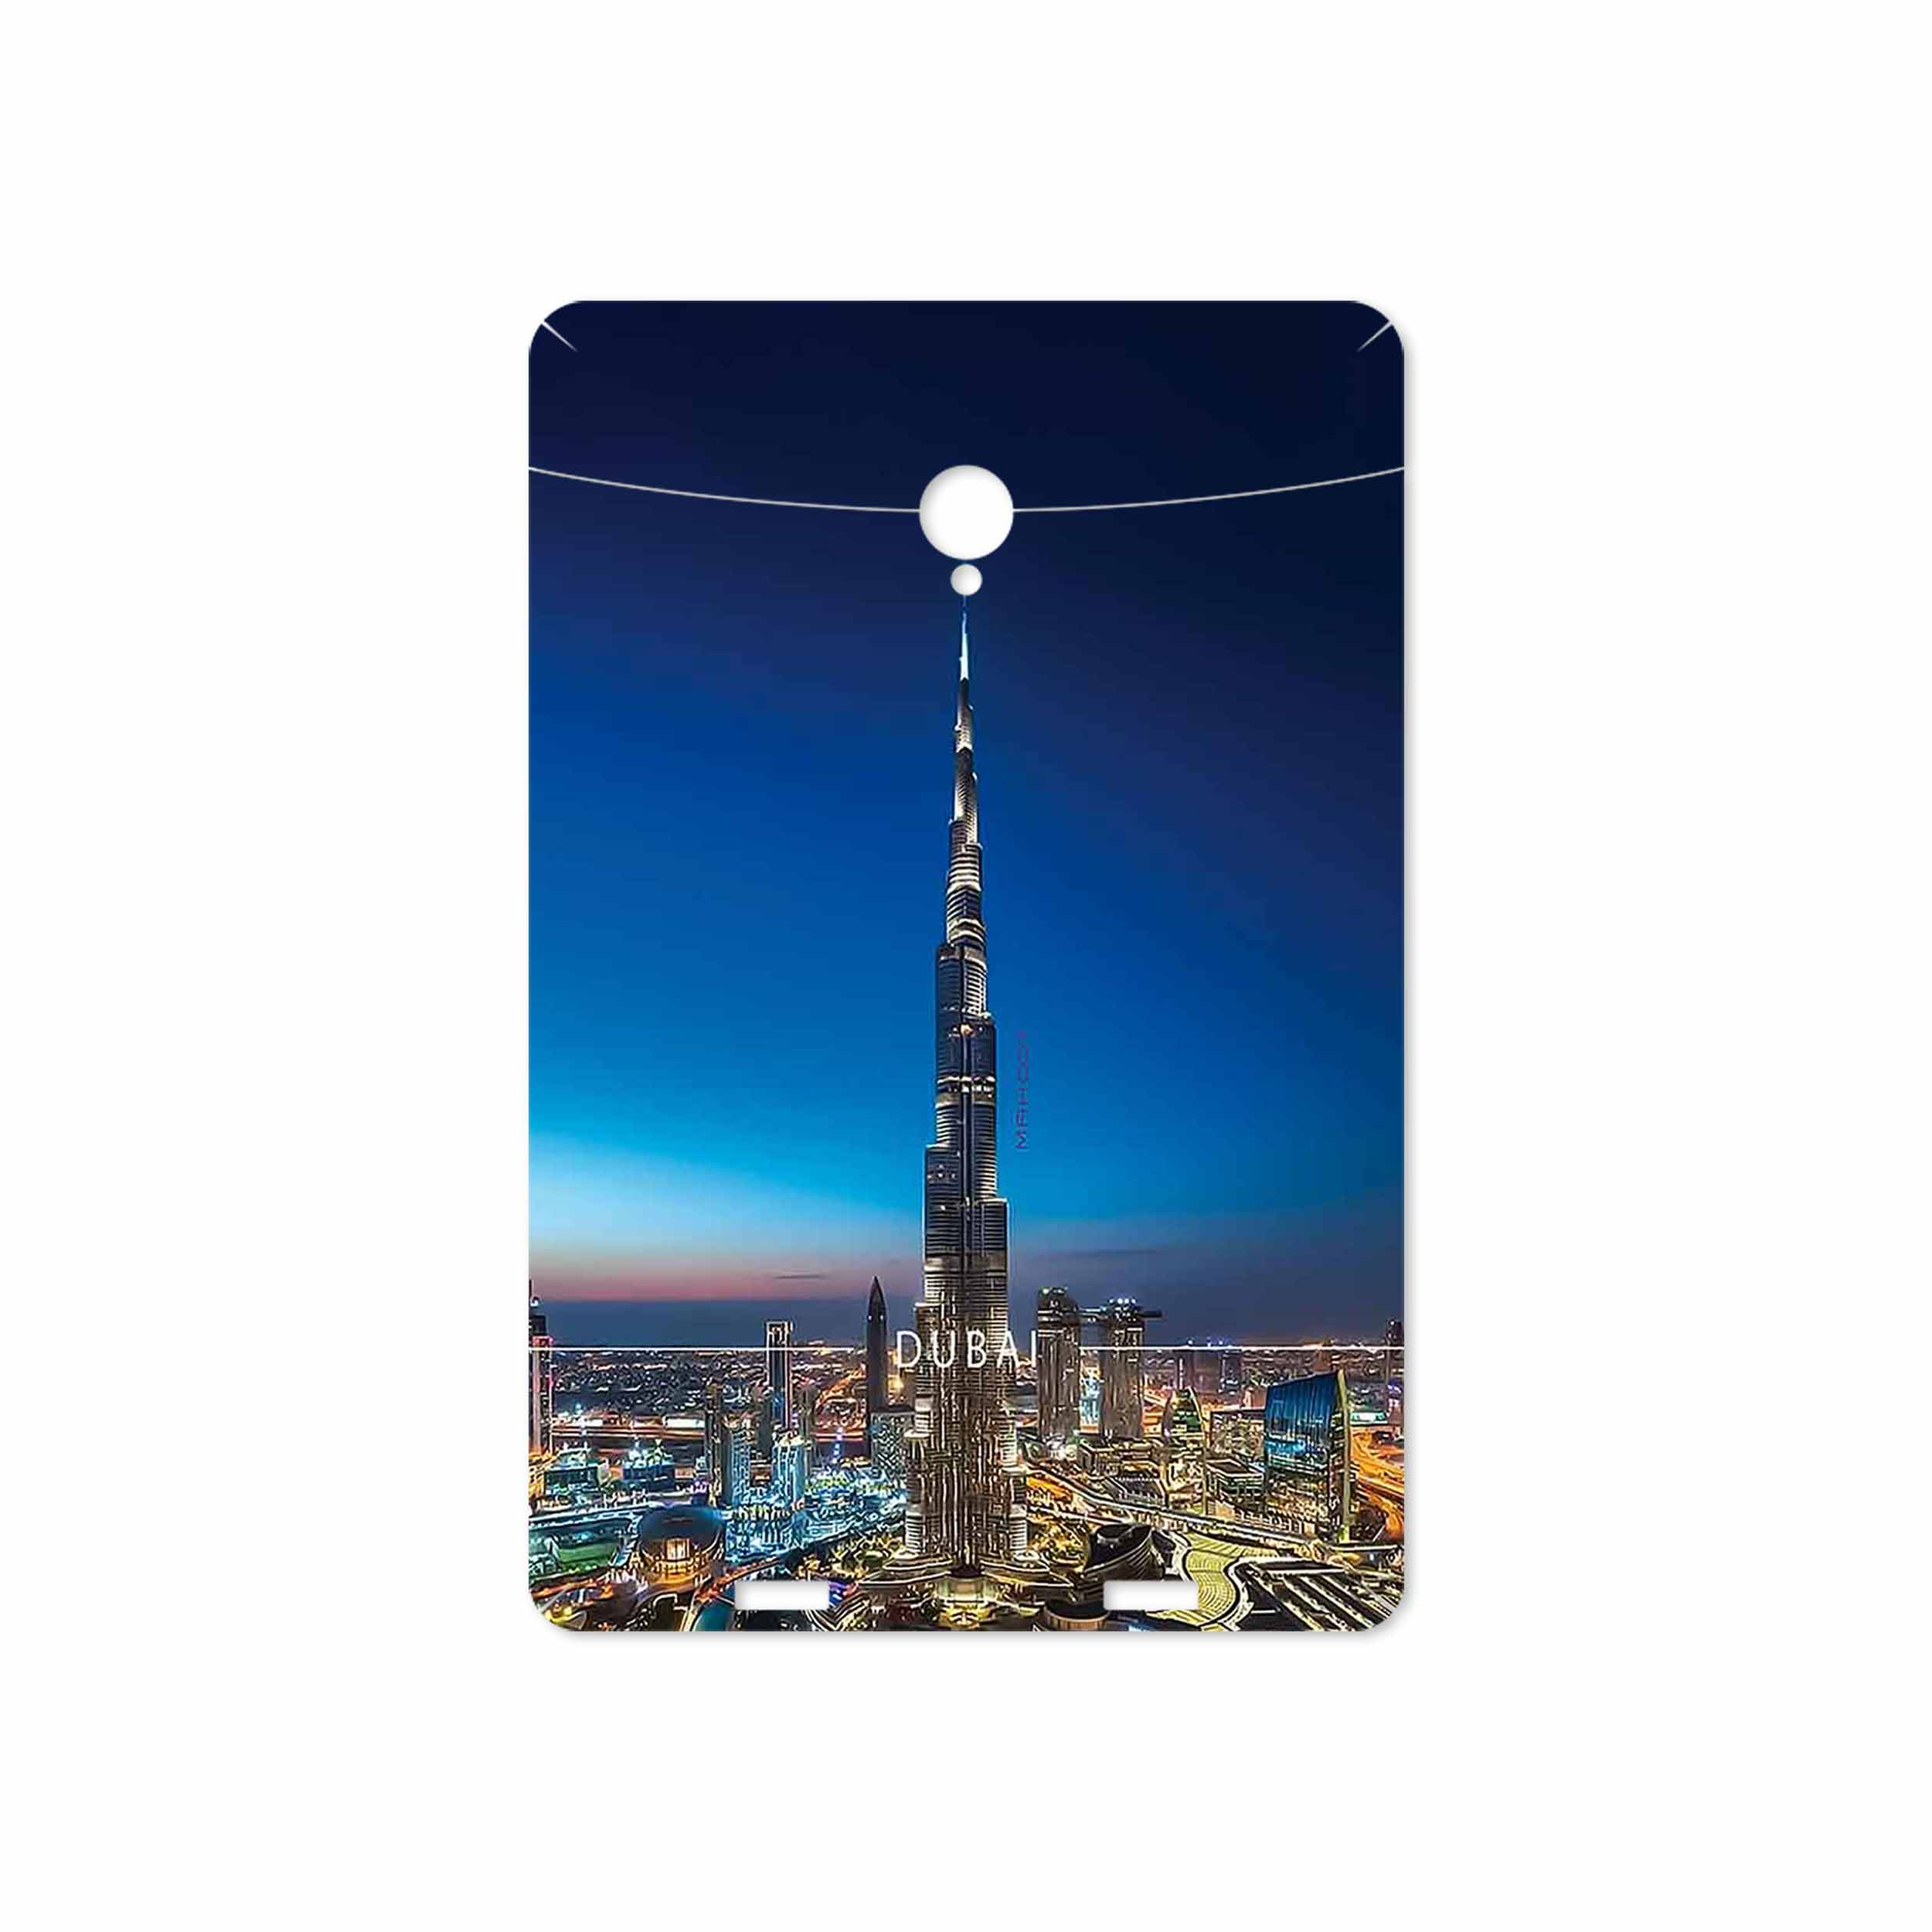 بررسی و خرید [با تخفیف]                                     برچسب پوششی ماهوت مدل Dubai City مناسب برای تبلت وریکو Unipad                             اورجینال